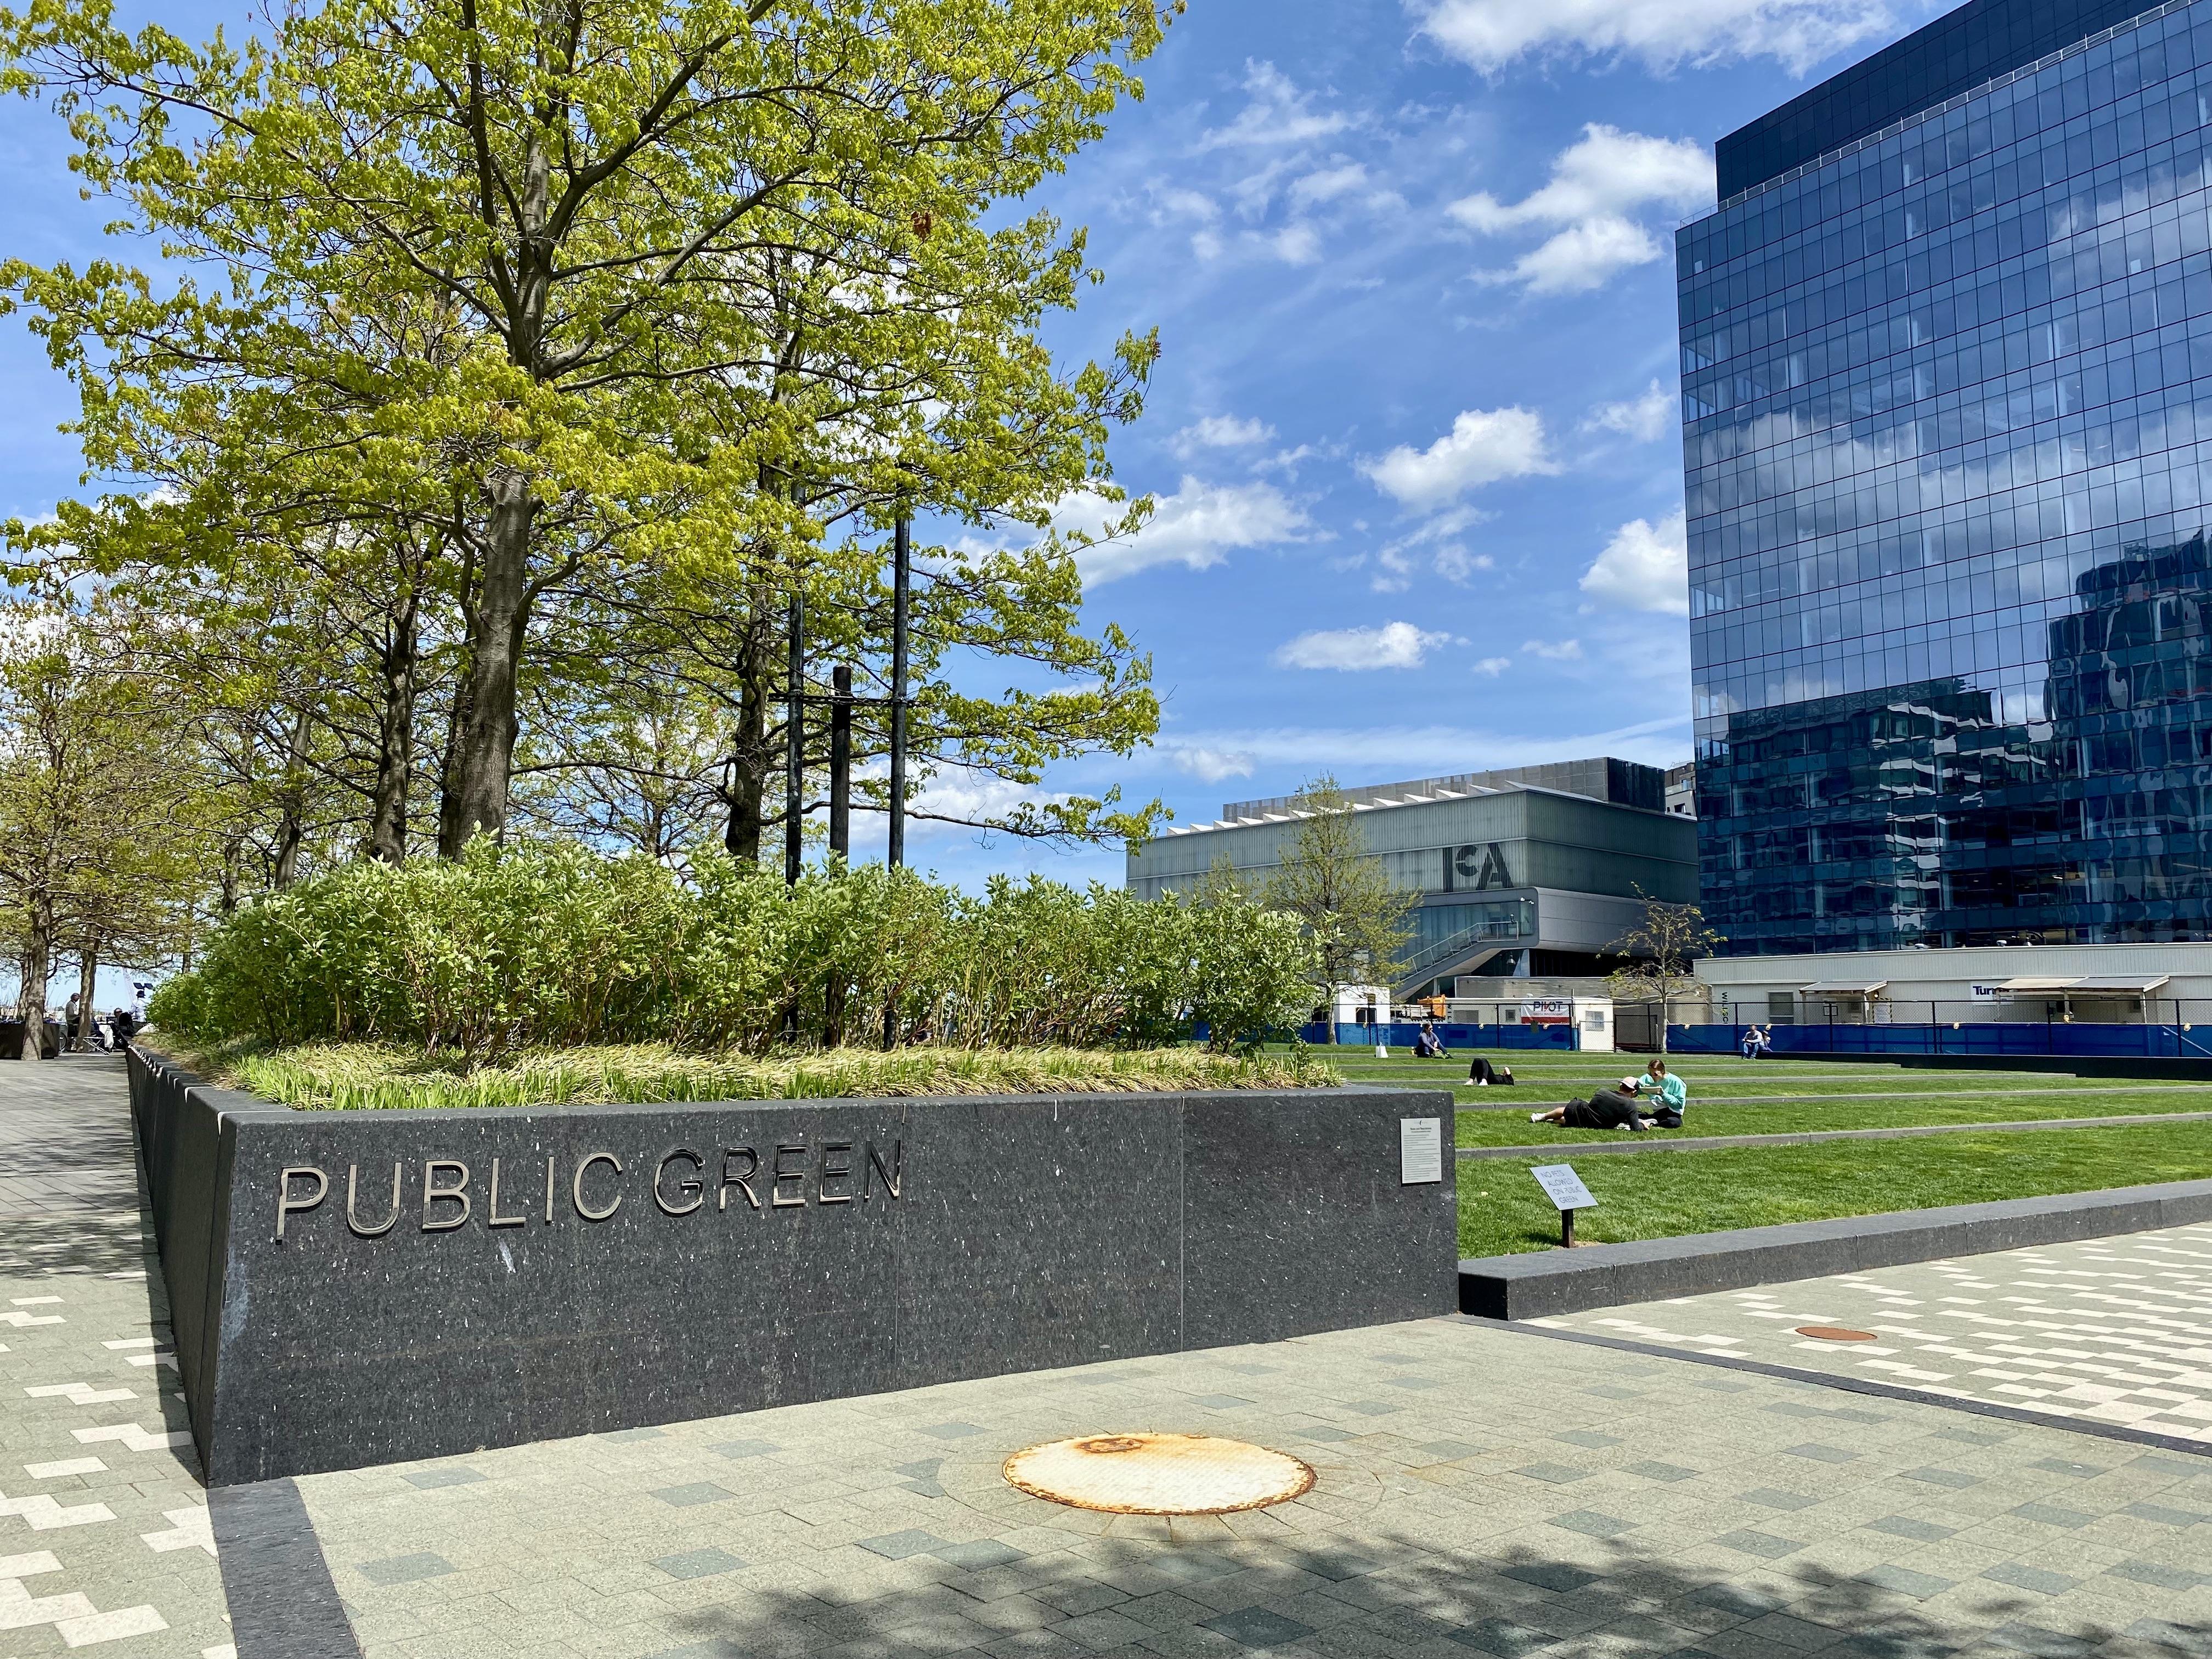 The Public Green near the ICA in Boston's Seaport